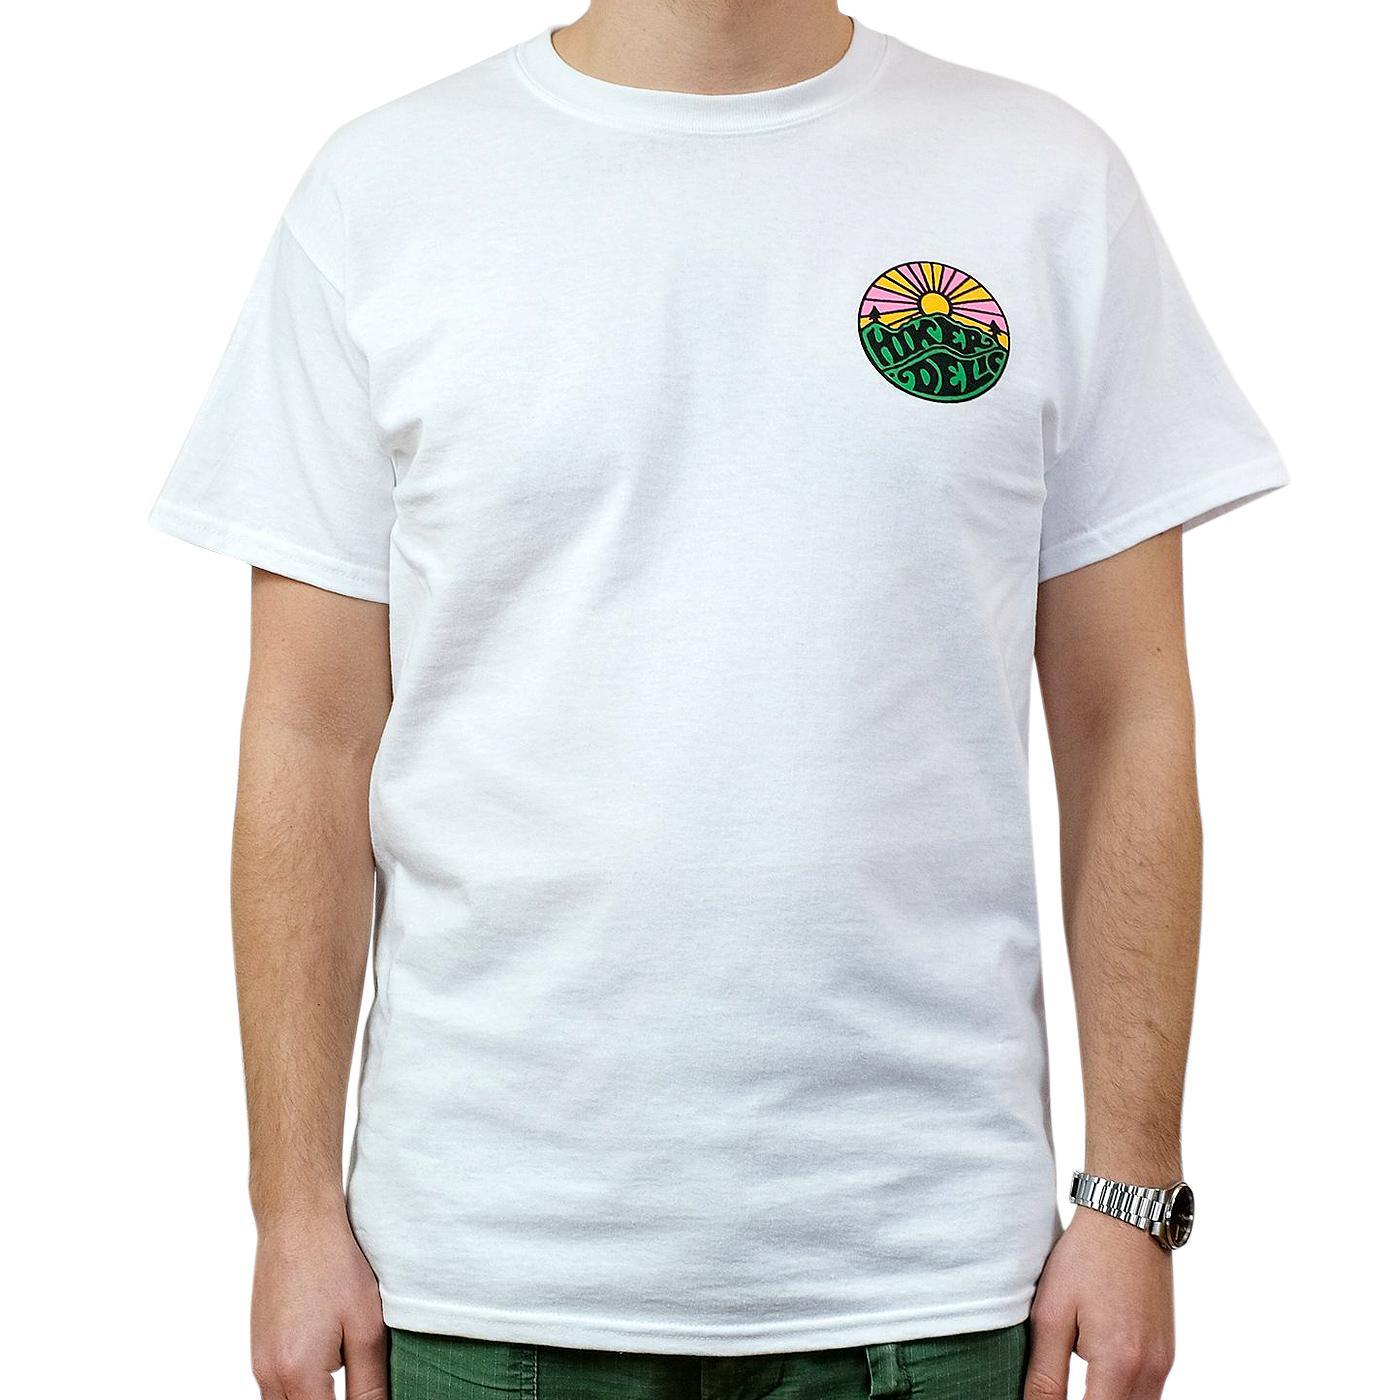 HIK11505 003 Original logo Tee